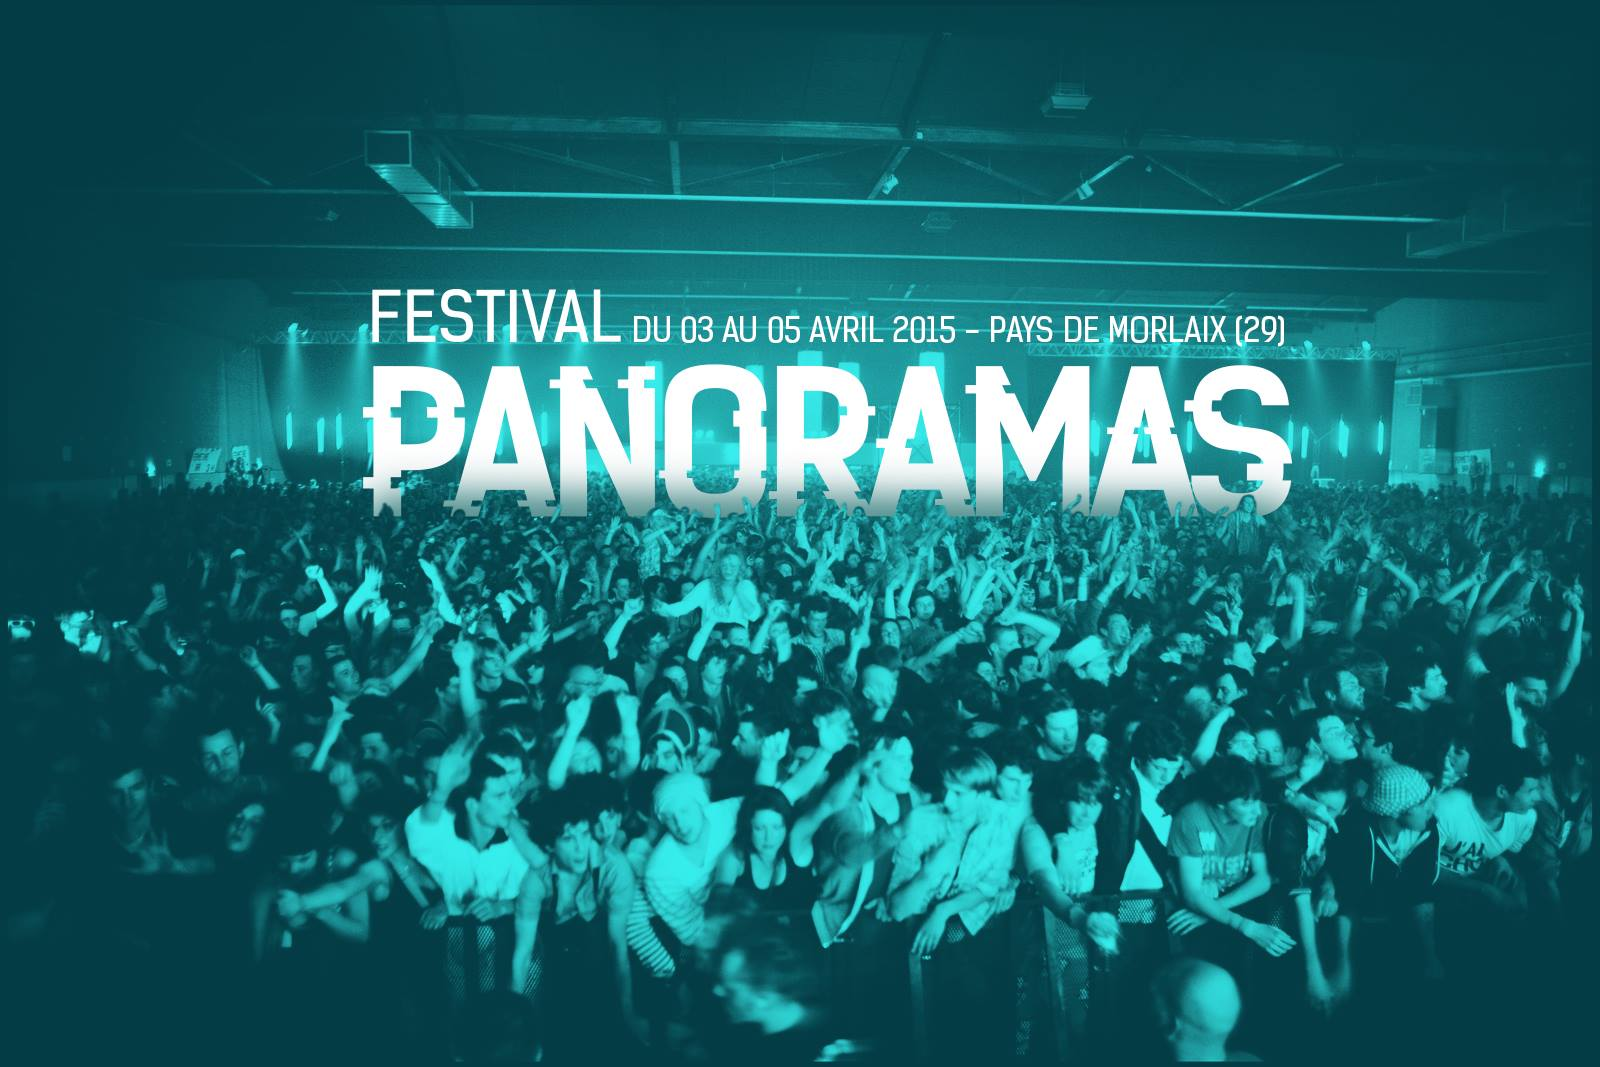 Festival Panoramas 2015 Pays de Morlaix